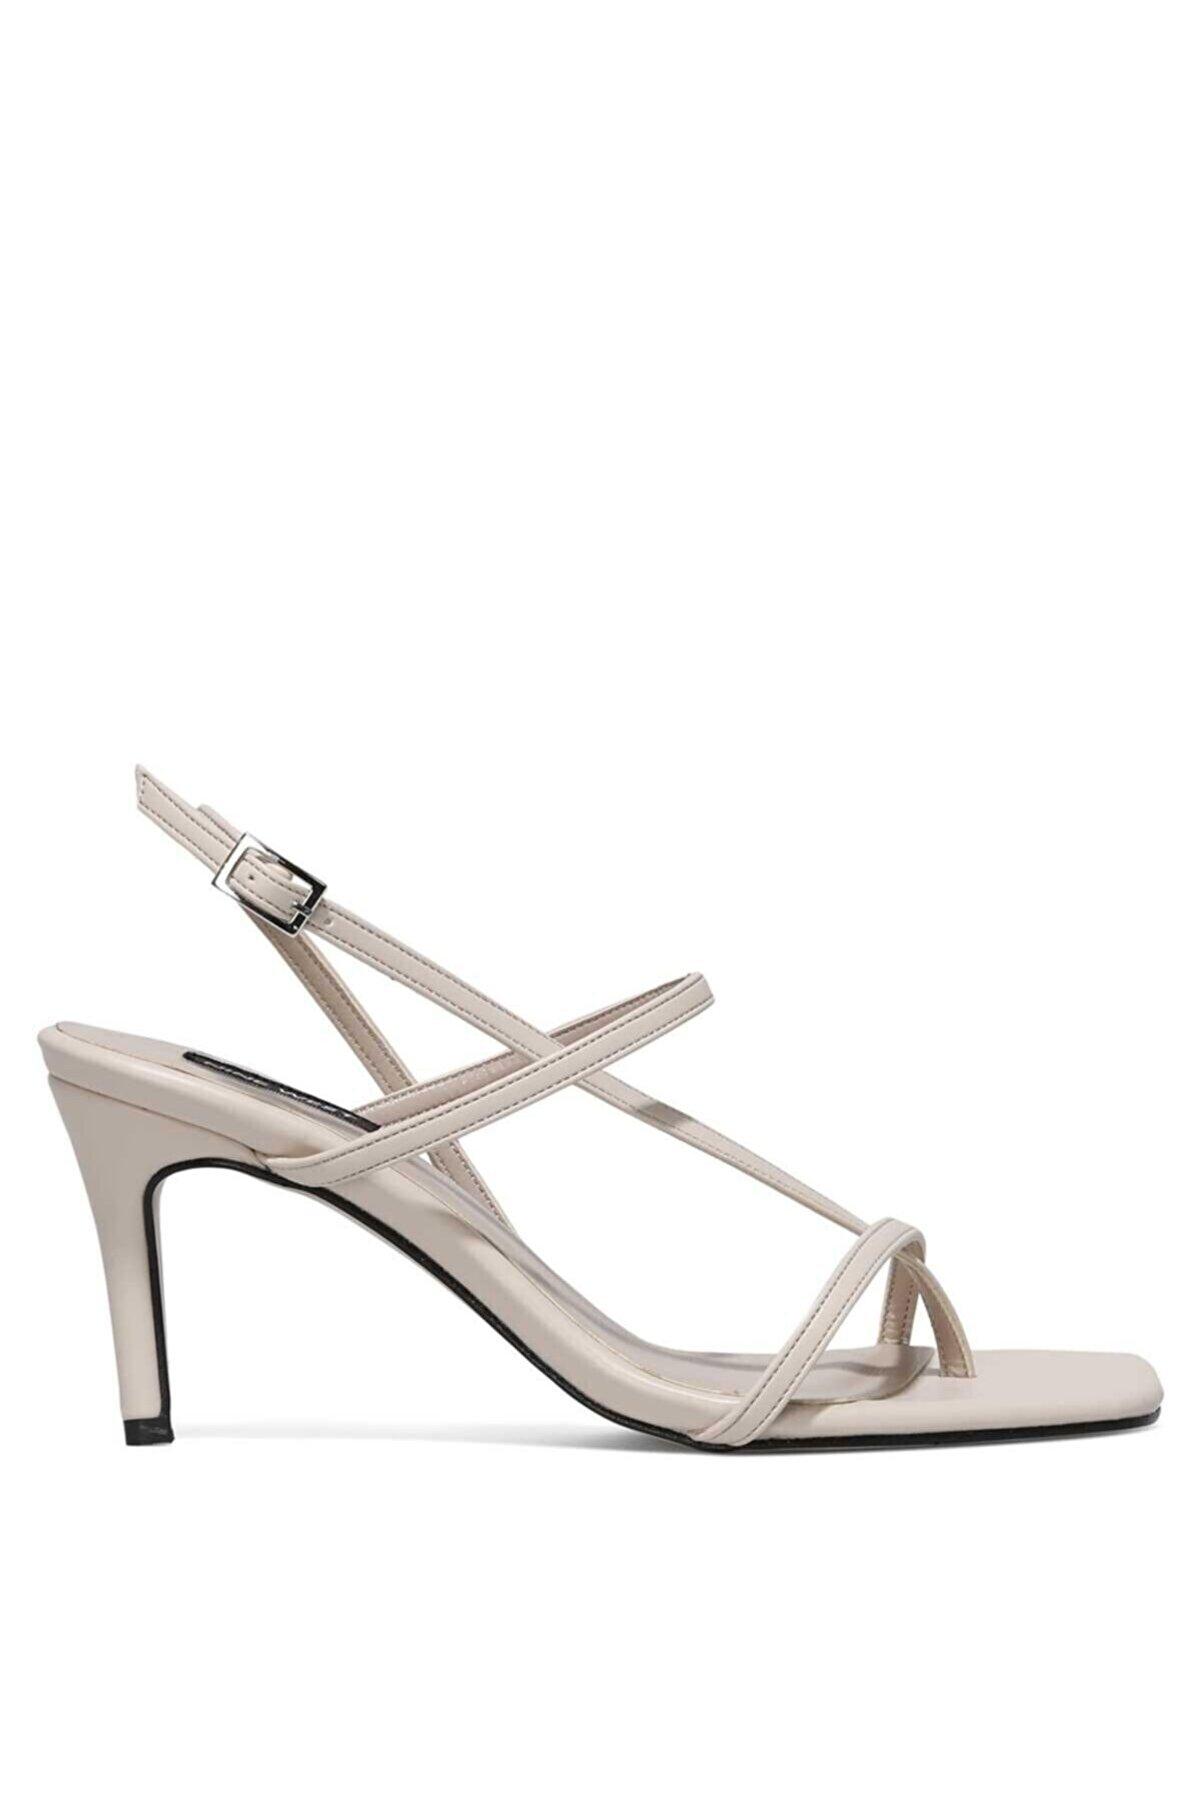 Nine West Hea 1fx Bej Kadın Topuklu Ayakkabı